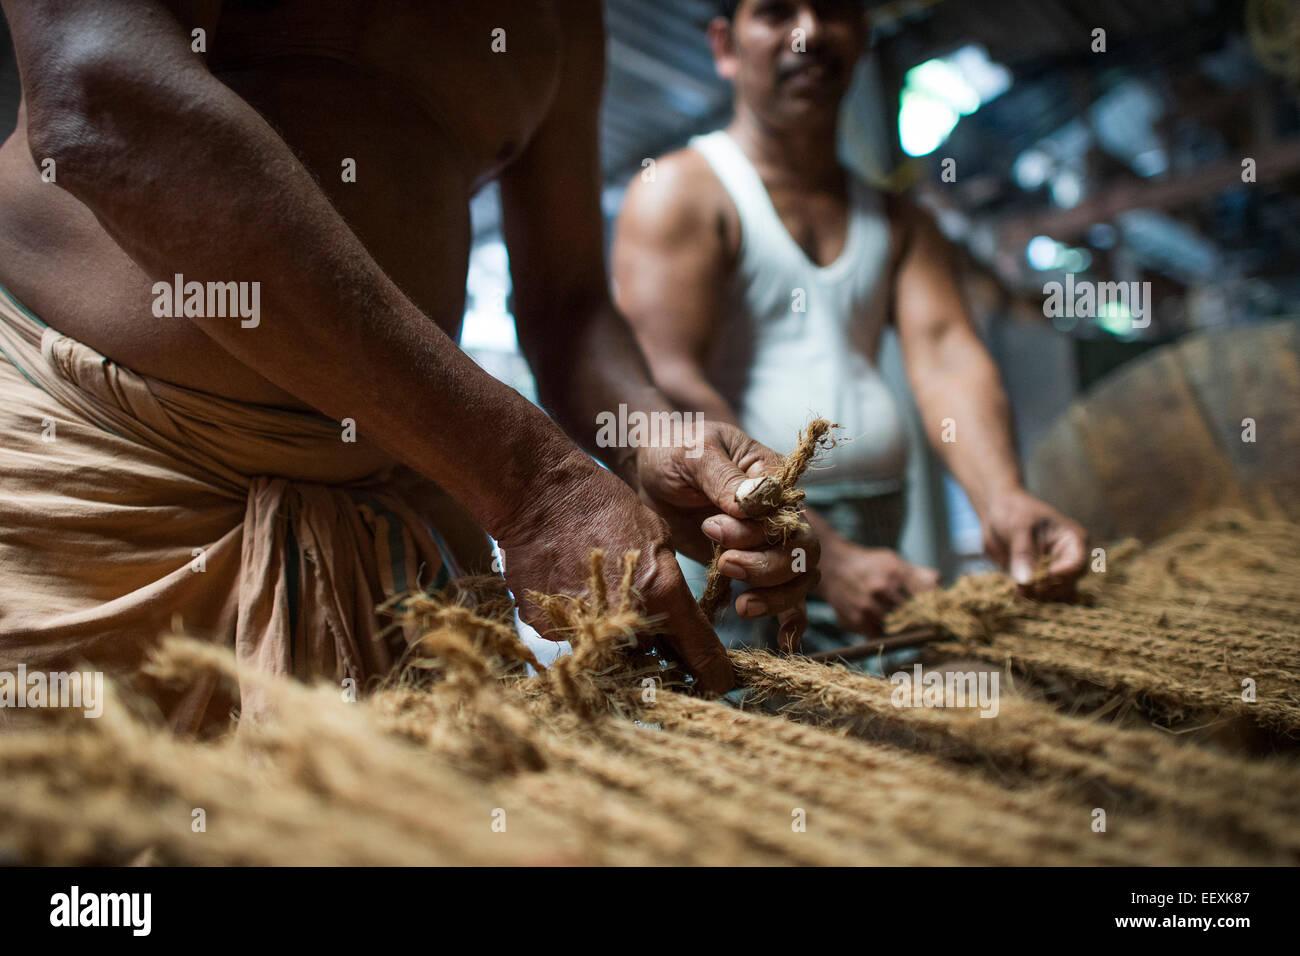 Herstellung von Matten aus Kokosfasern oder Kokos, Kokos Faser-Industrie, Fabrik, Alappuzha, Kerala, Indien, Asien Stockbild